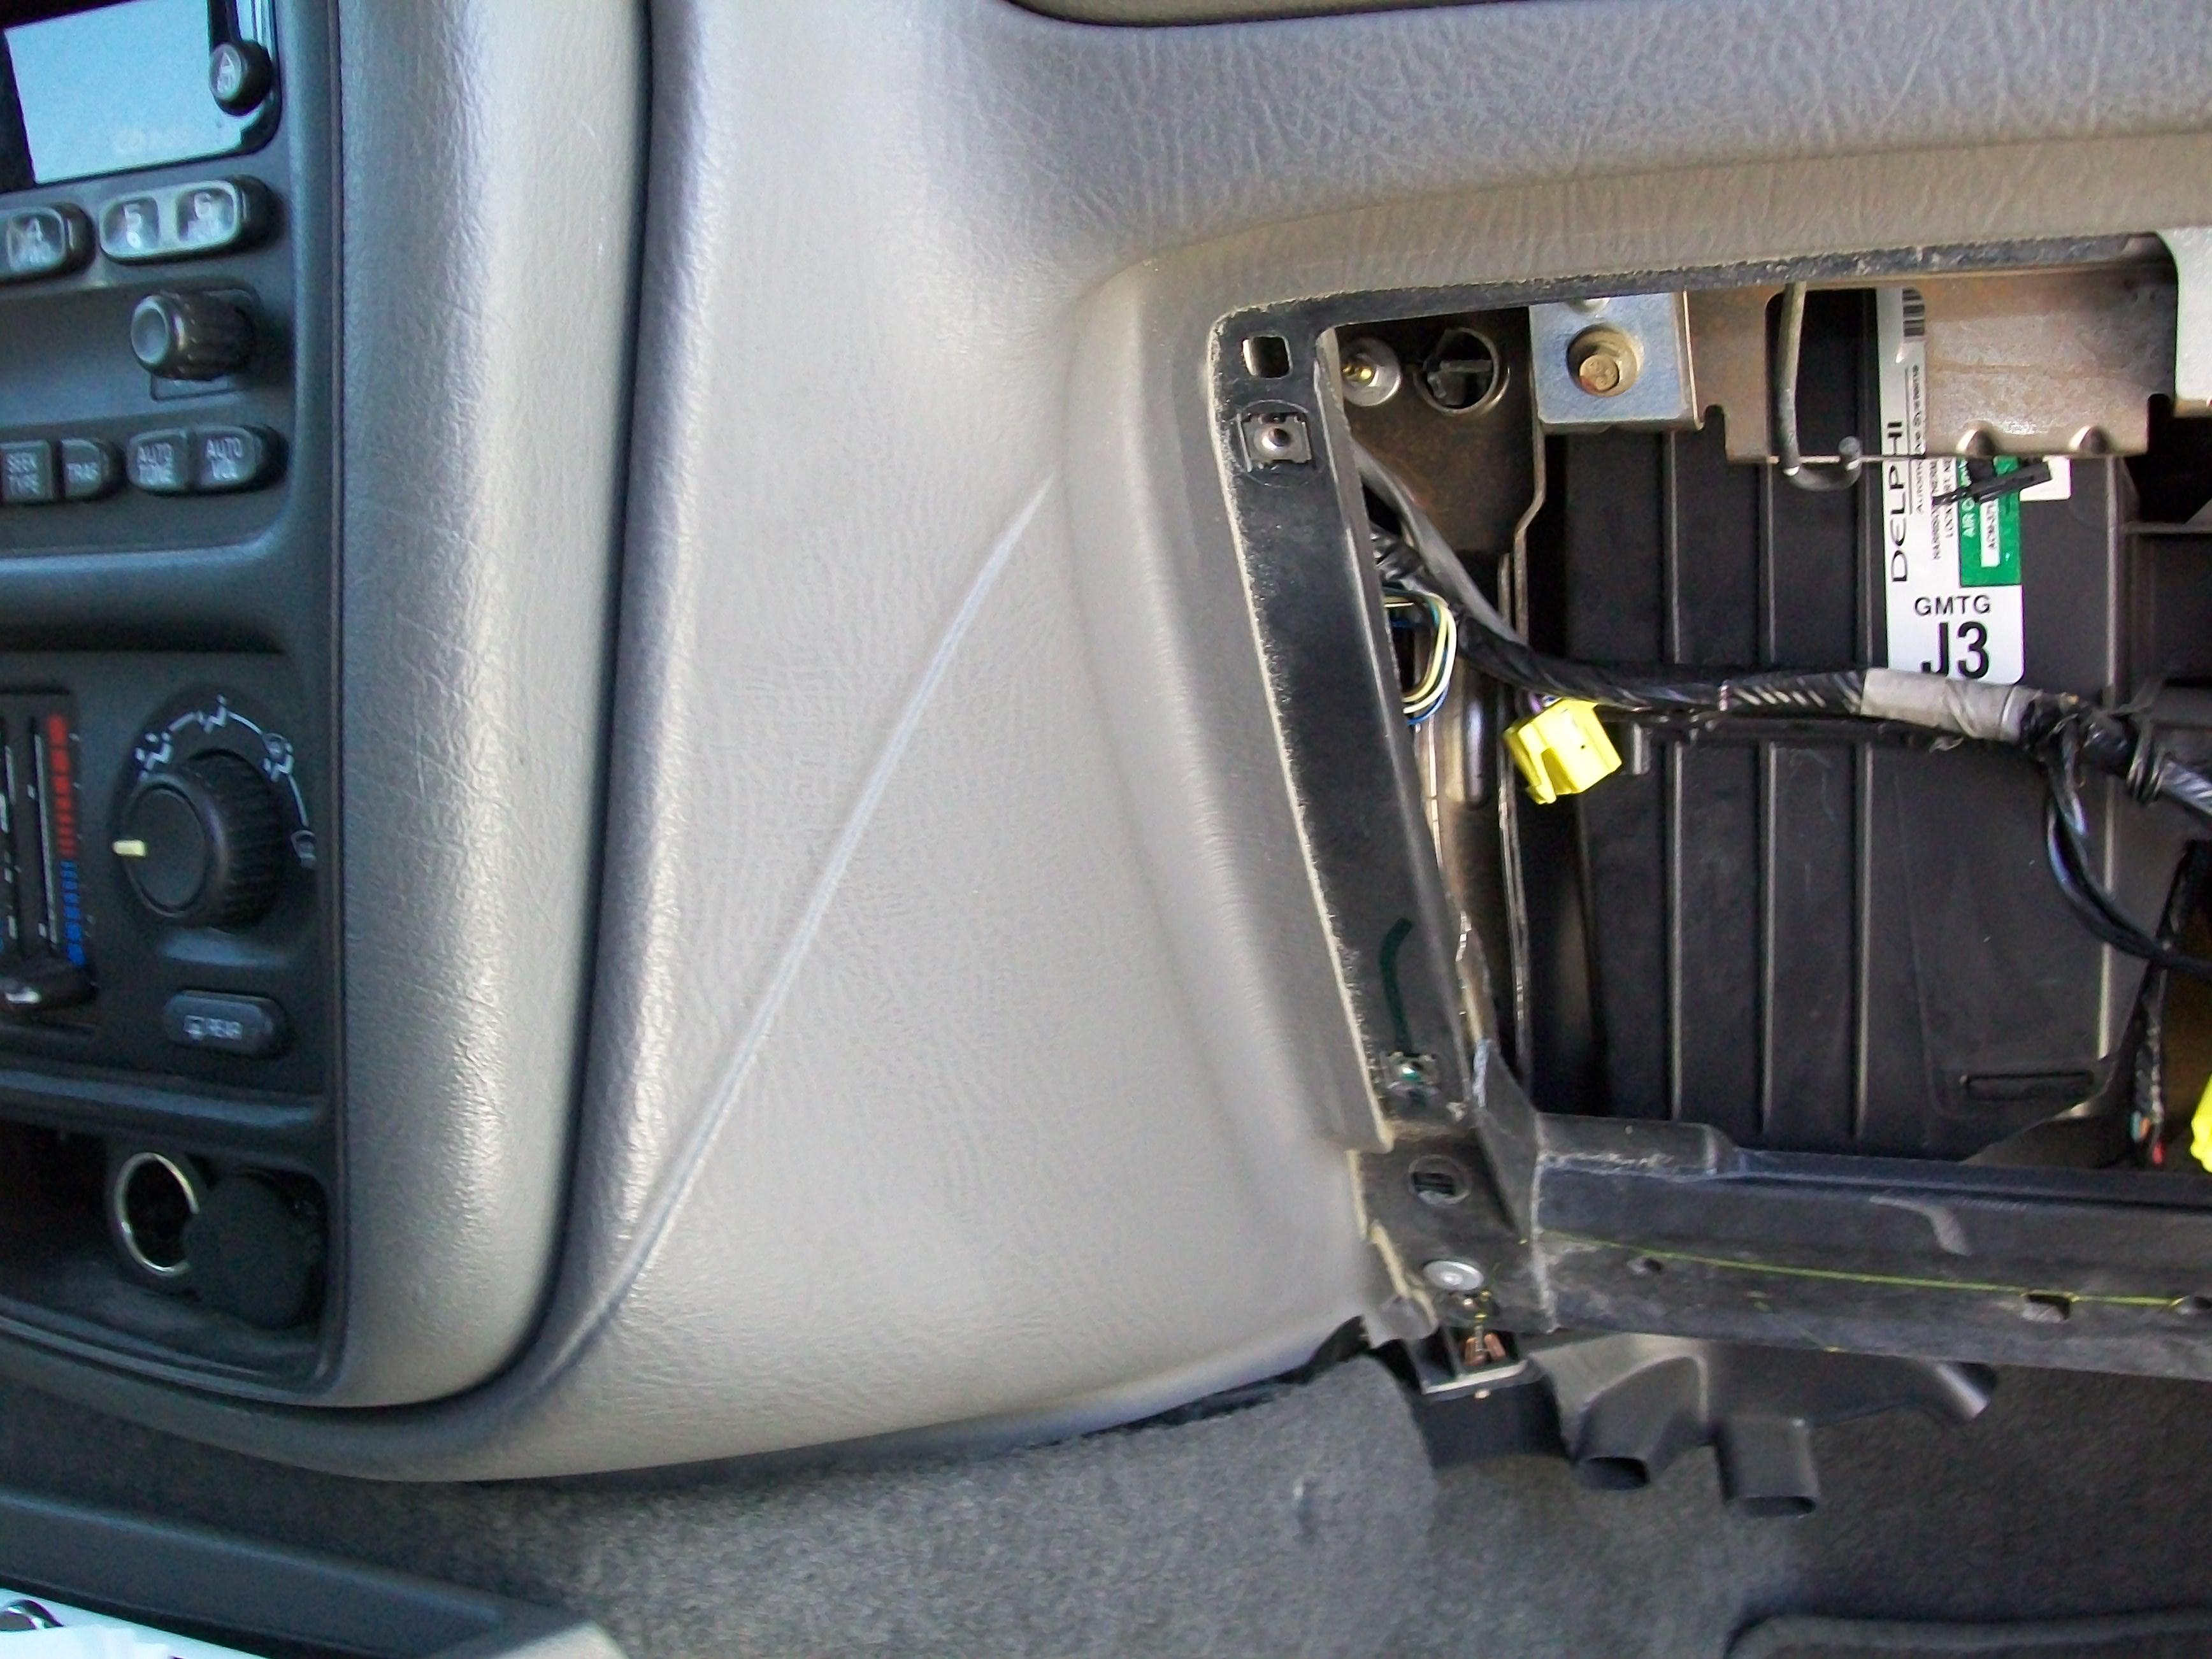 2006 trailblazer fuse box #5 2006 trailblazer rear fuse box 2006 trailblazer fuse box